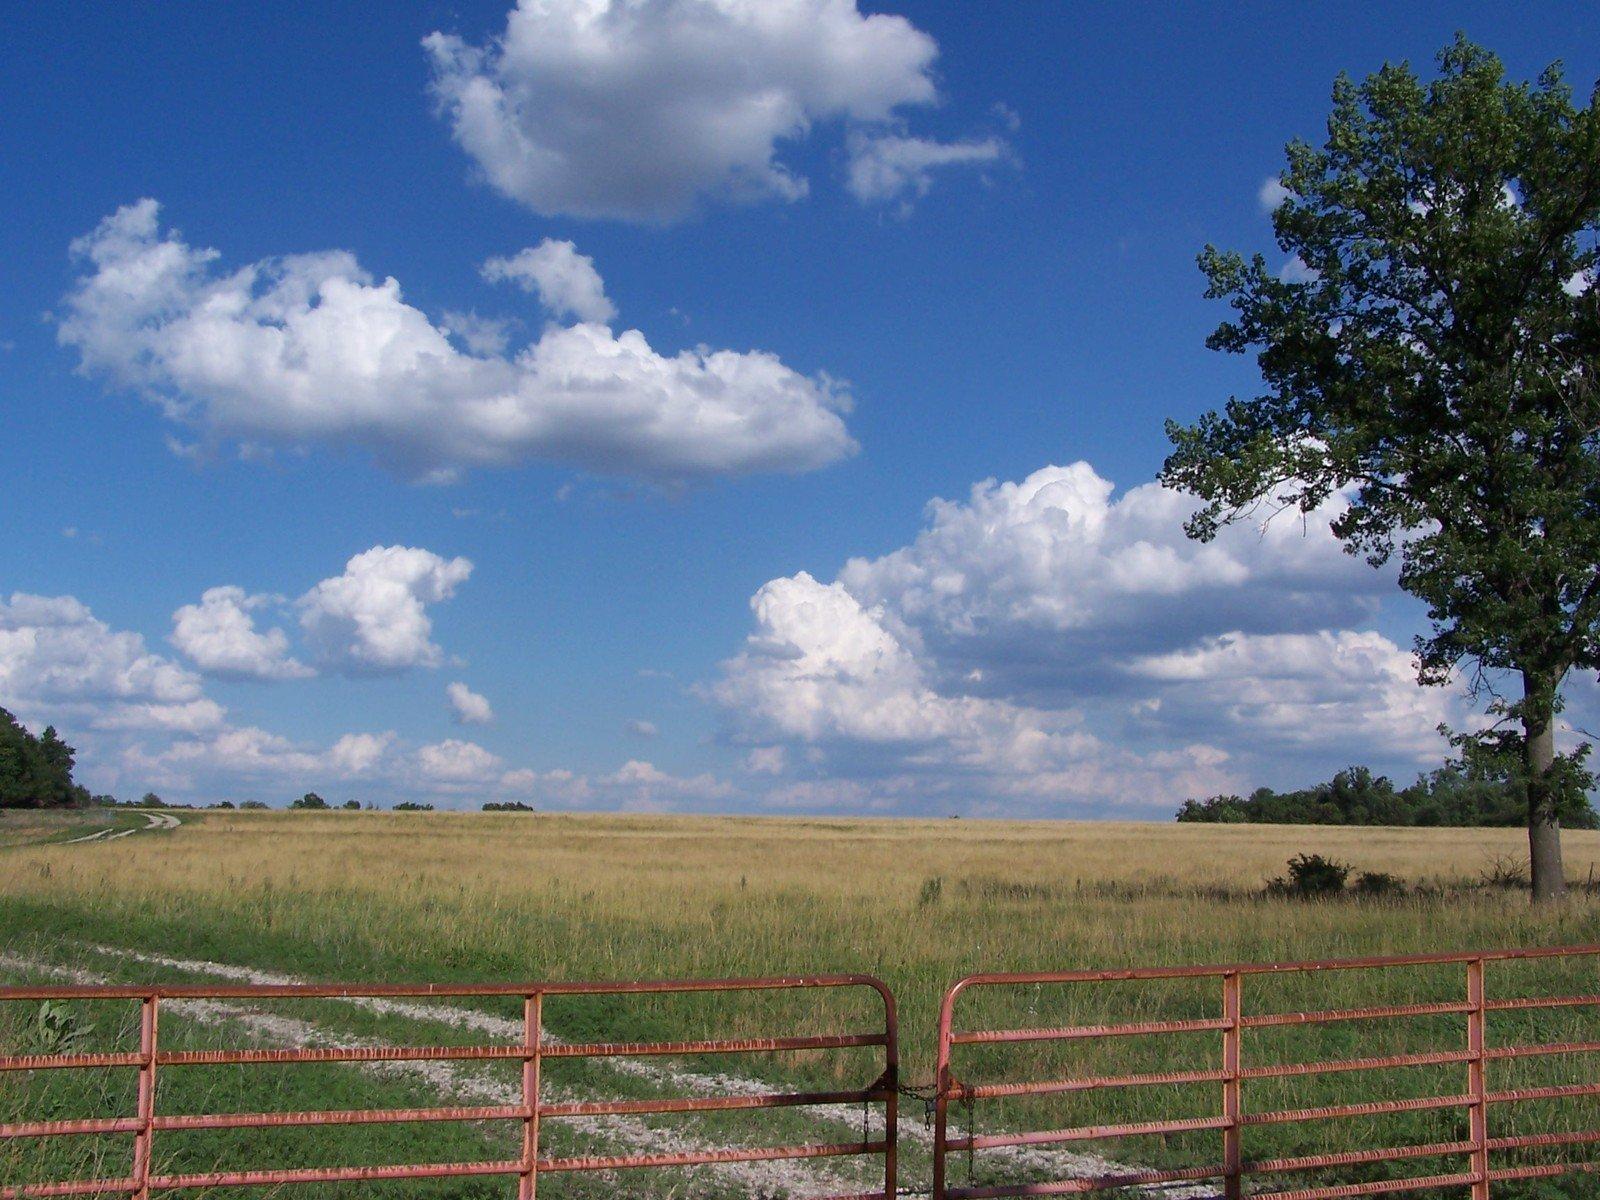 캔자스 풍경, free photos, #1394797 - FreeImages.com